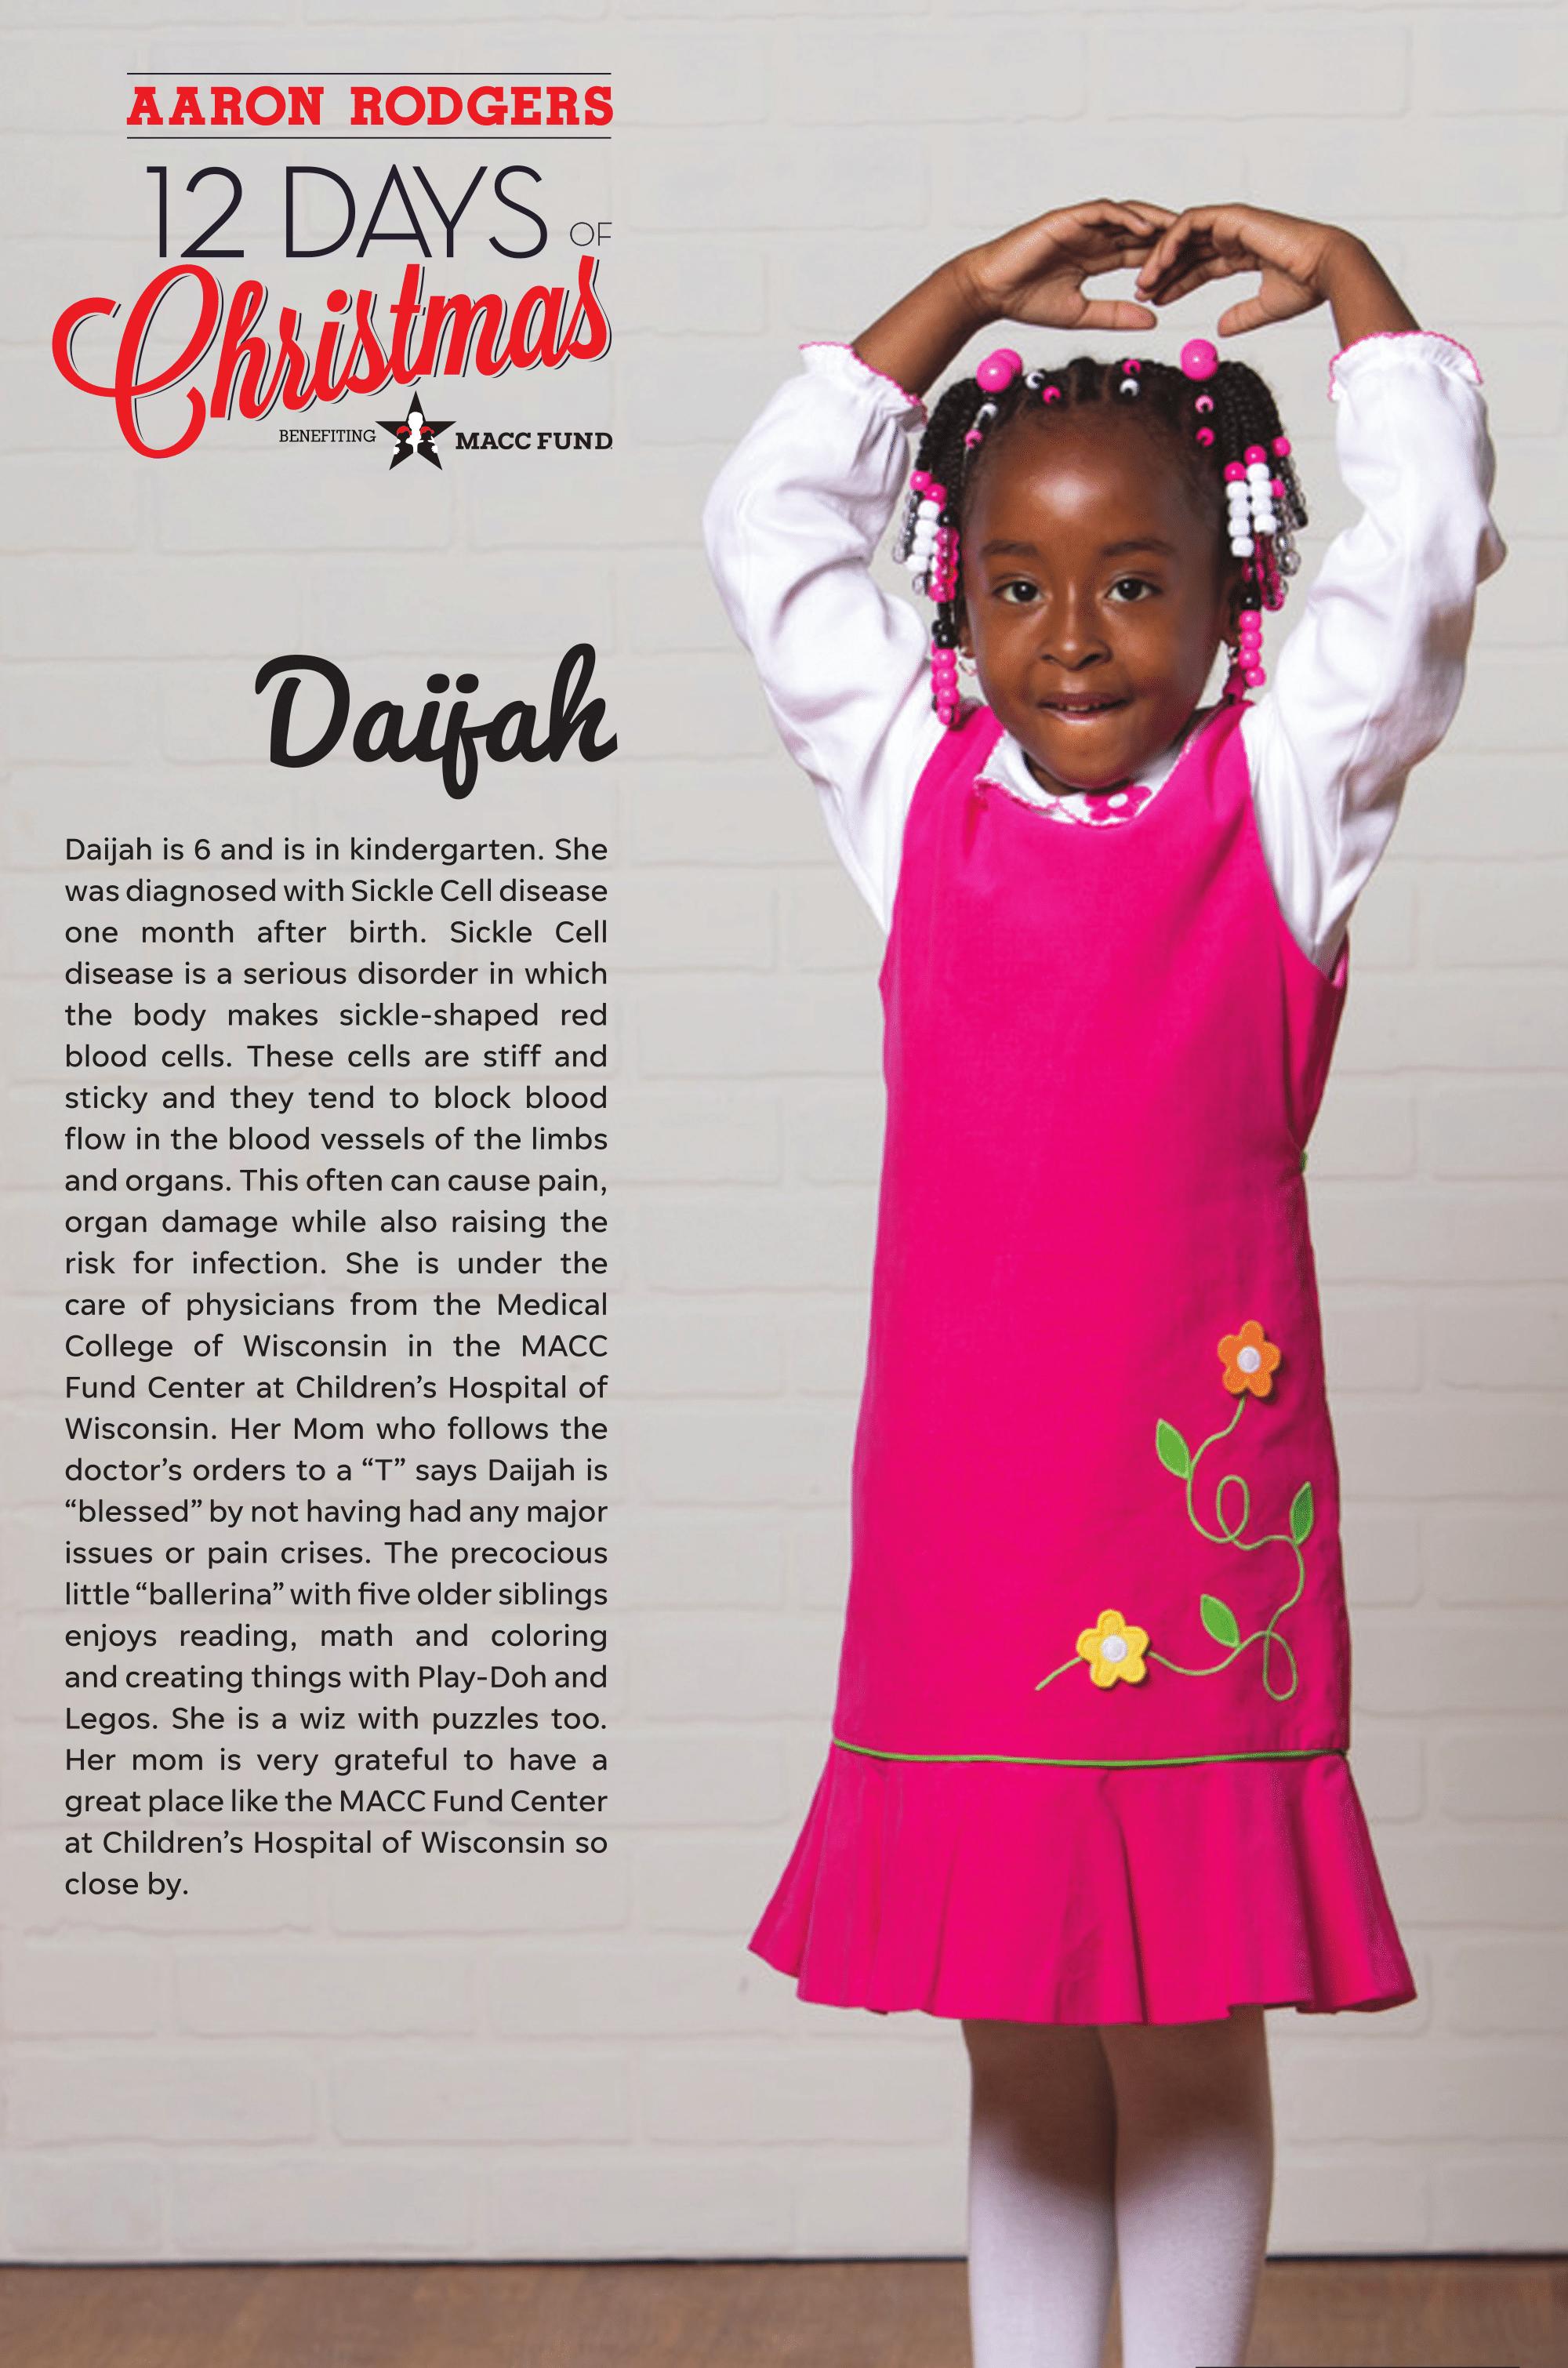 Daijah